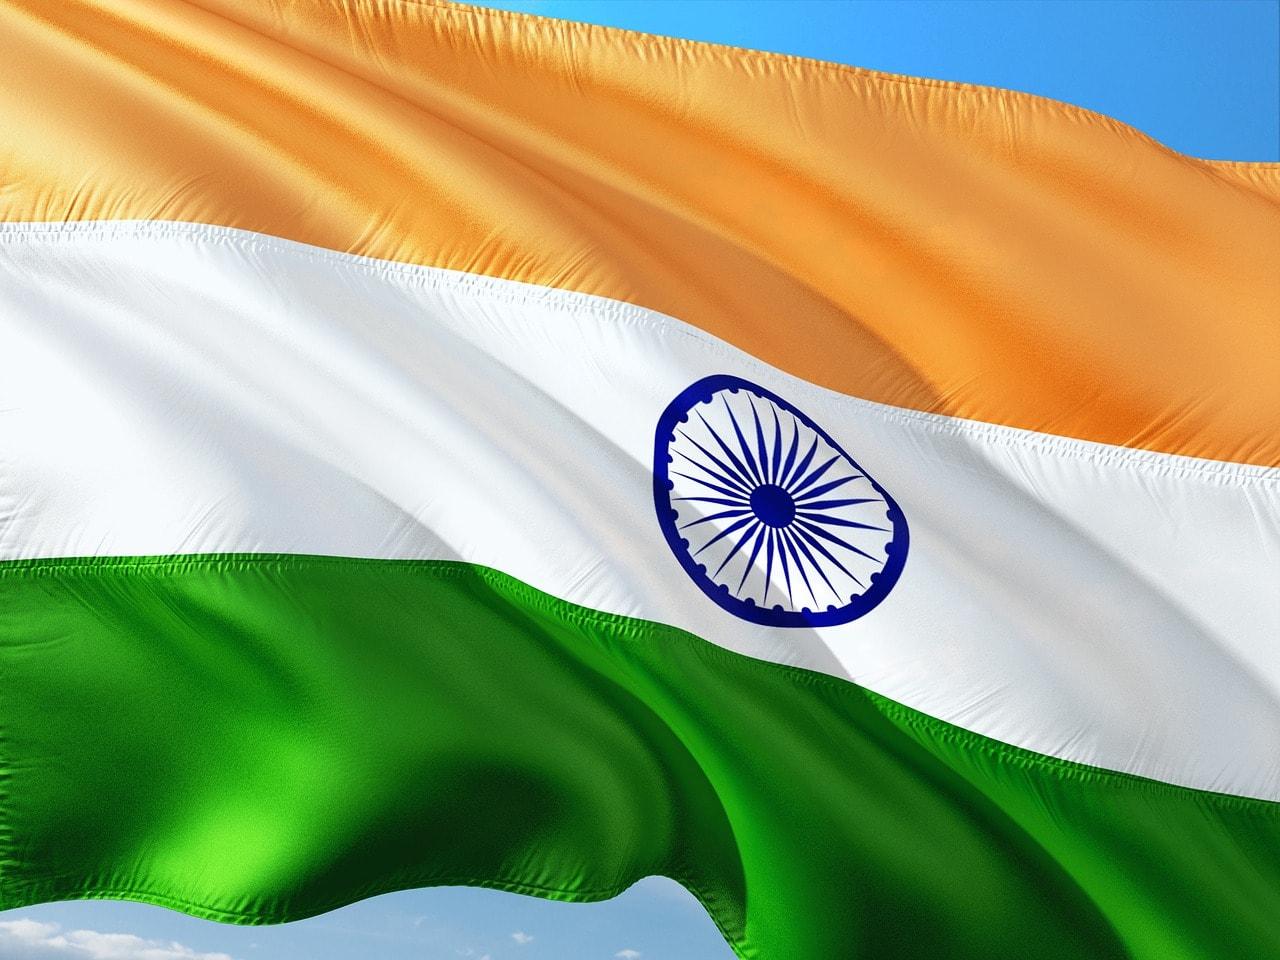 מידע על ויזה להודו